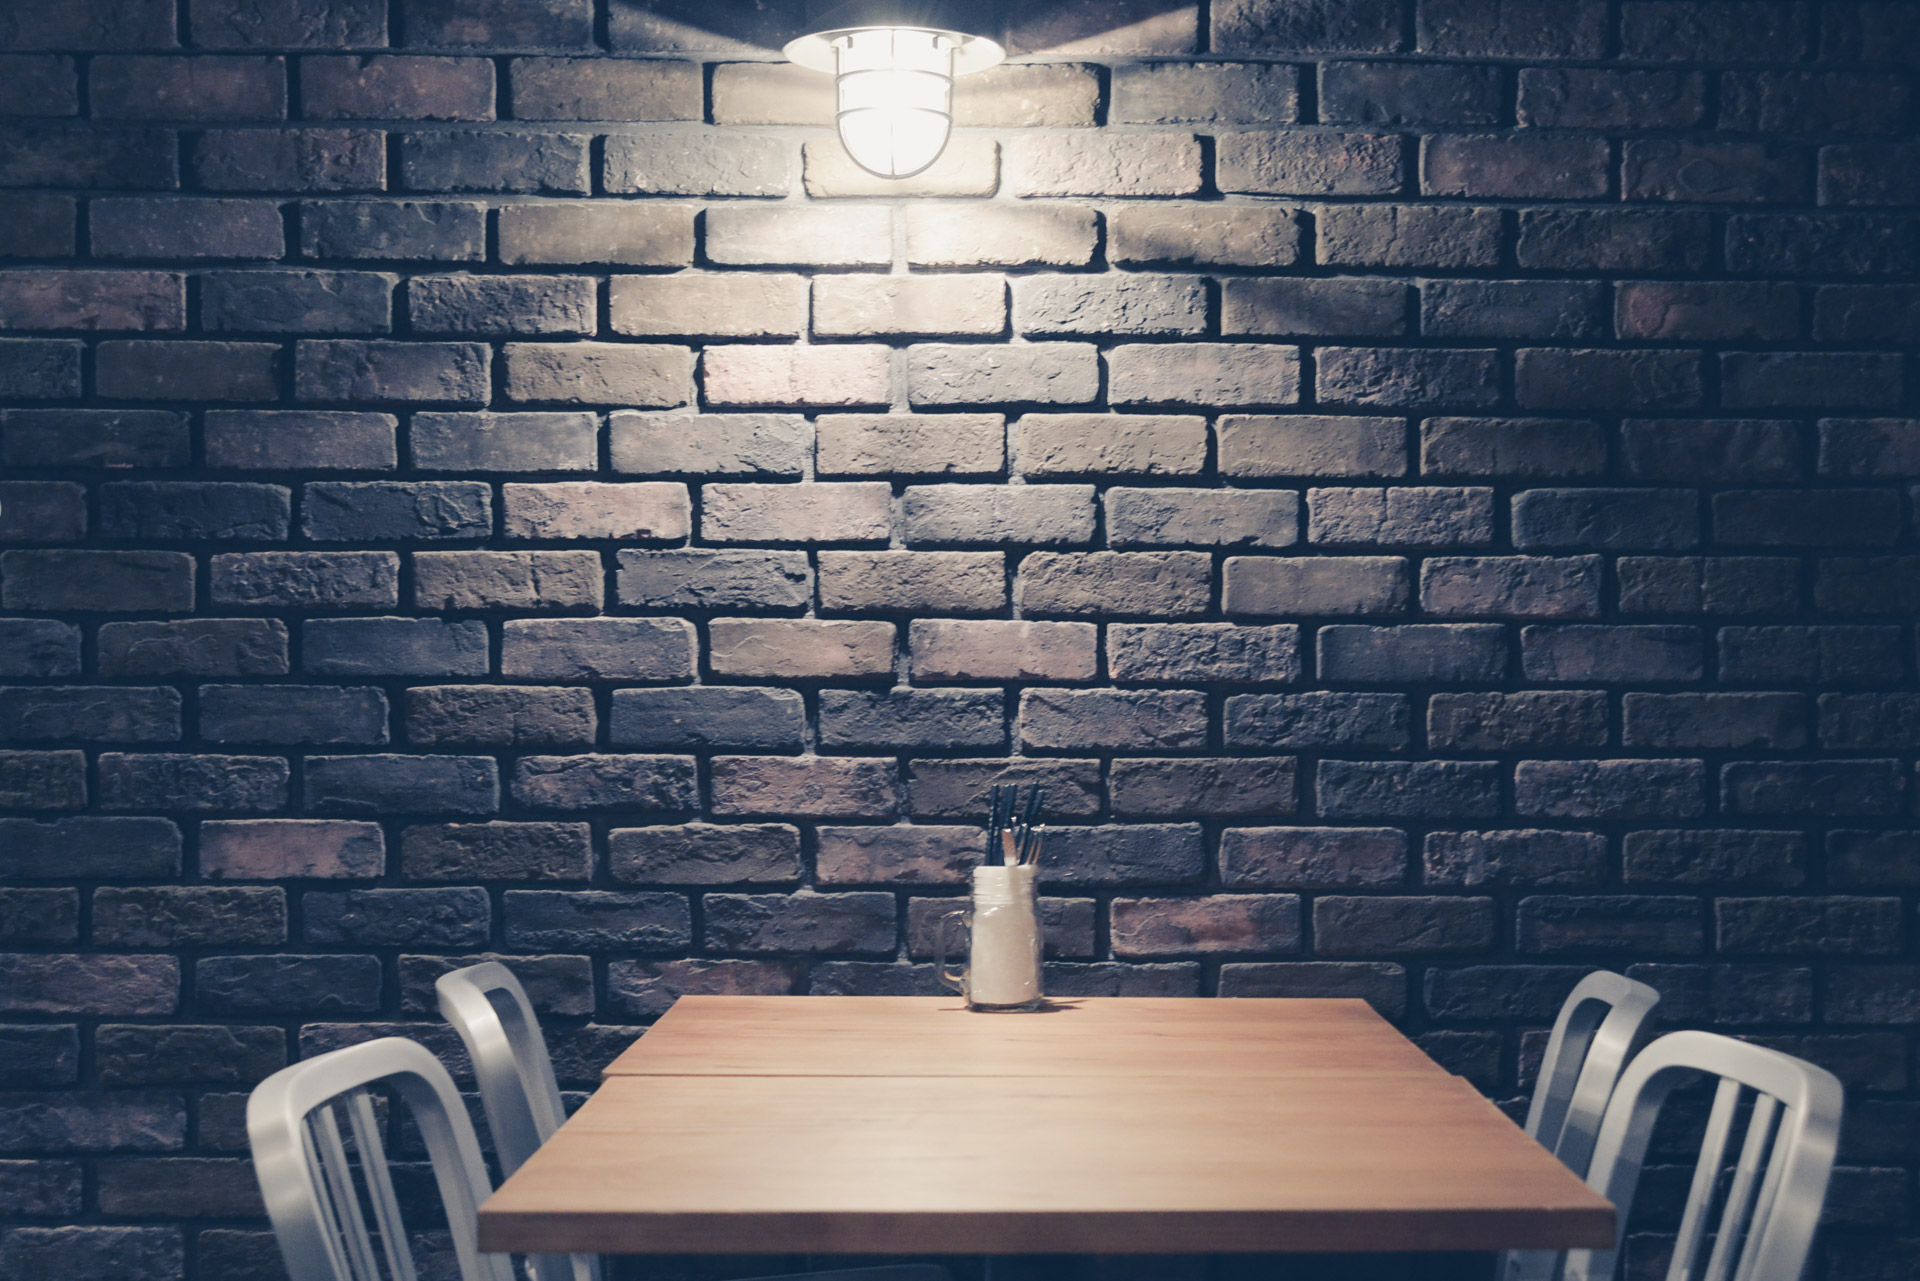 レンガの壁に囲まれながらレストランでディナー